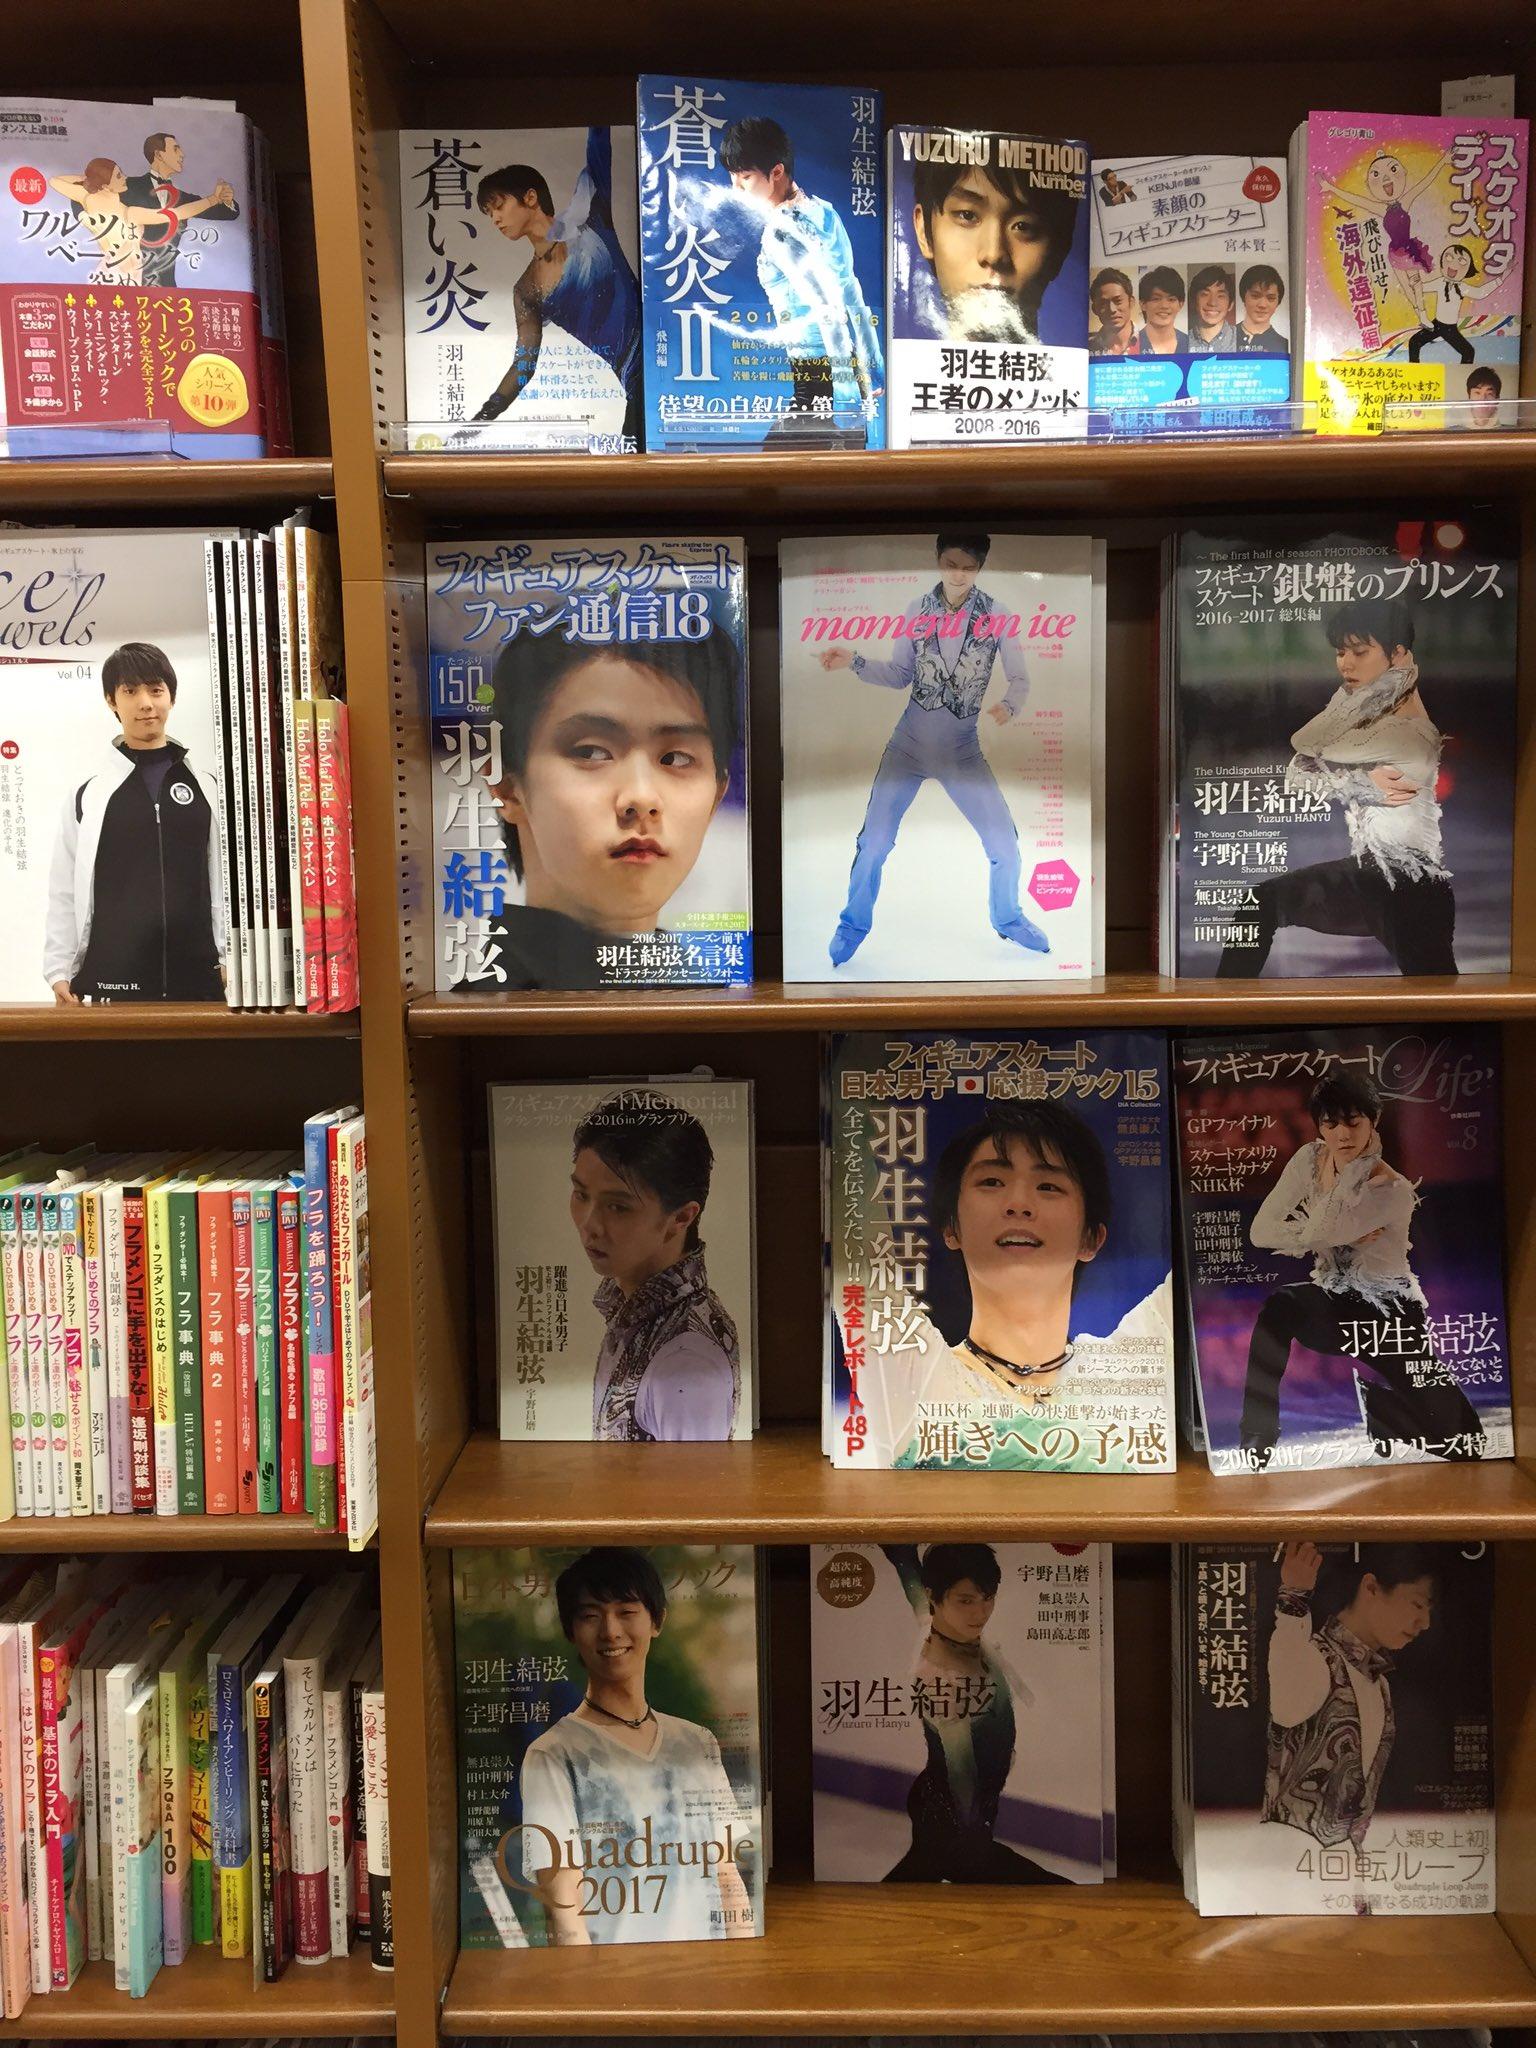 渋谷ジュンク堂書店に羽生結弦選手が表紙の雑誌がまとめて特設され迫力満点